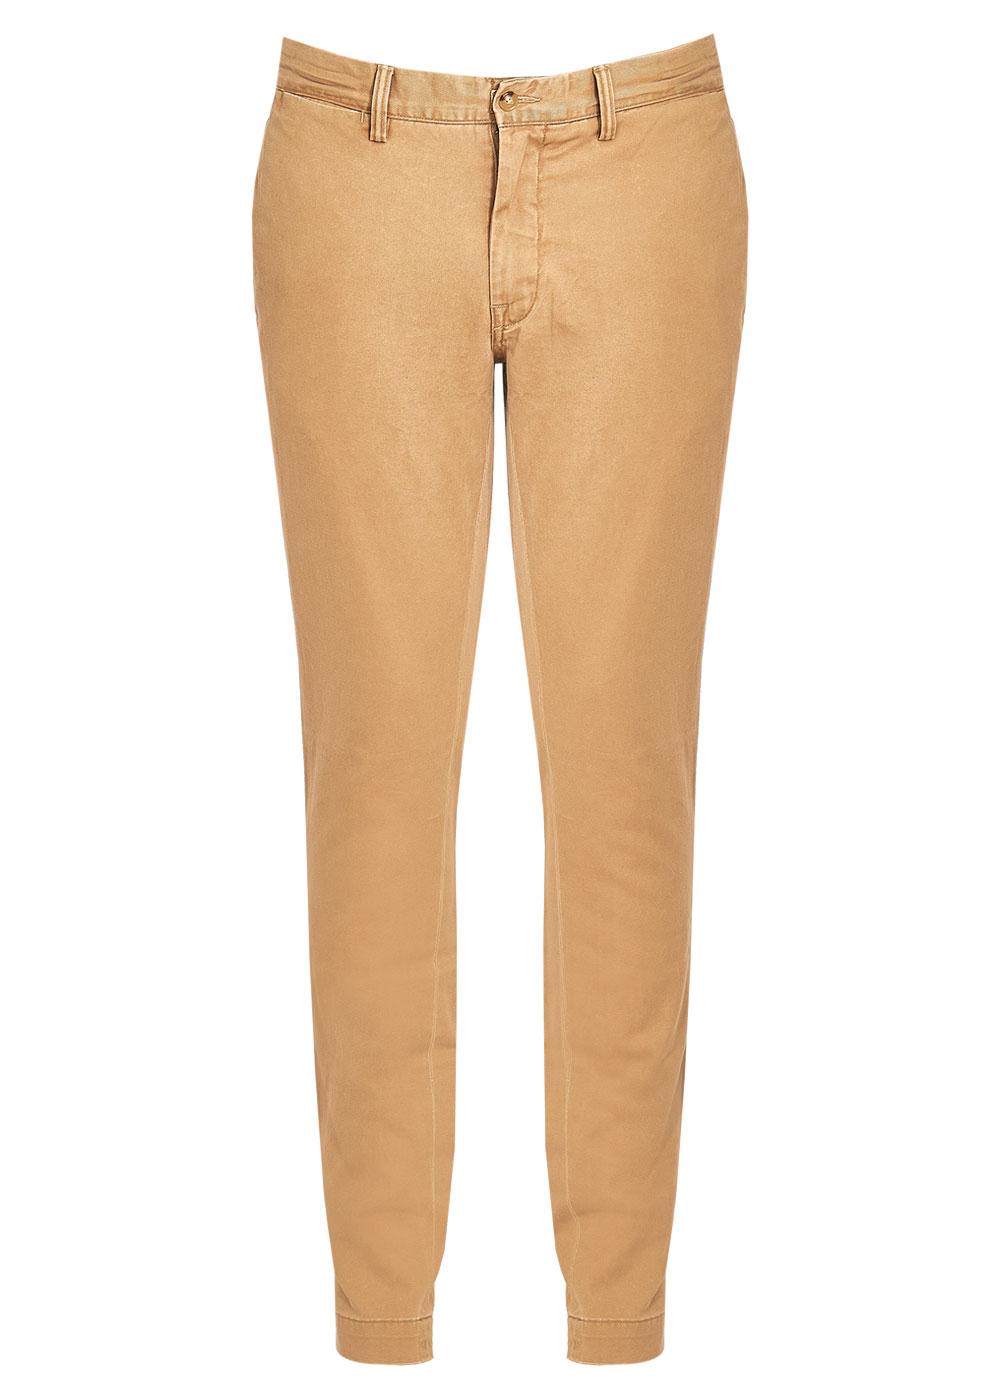 Купить Ralph Lаuren Polo брюки